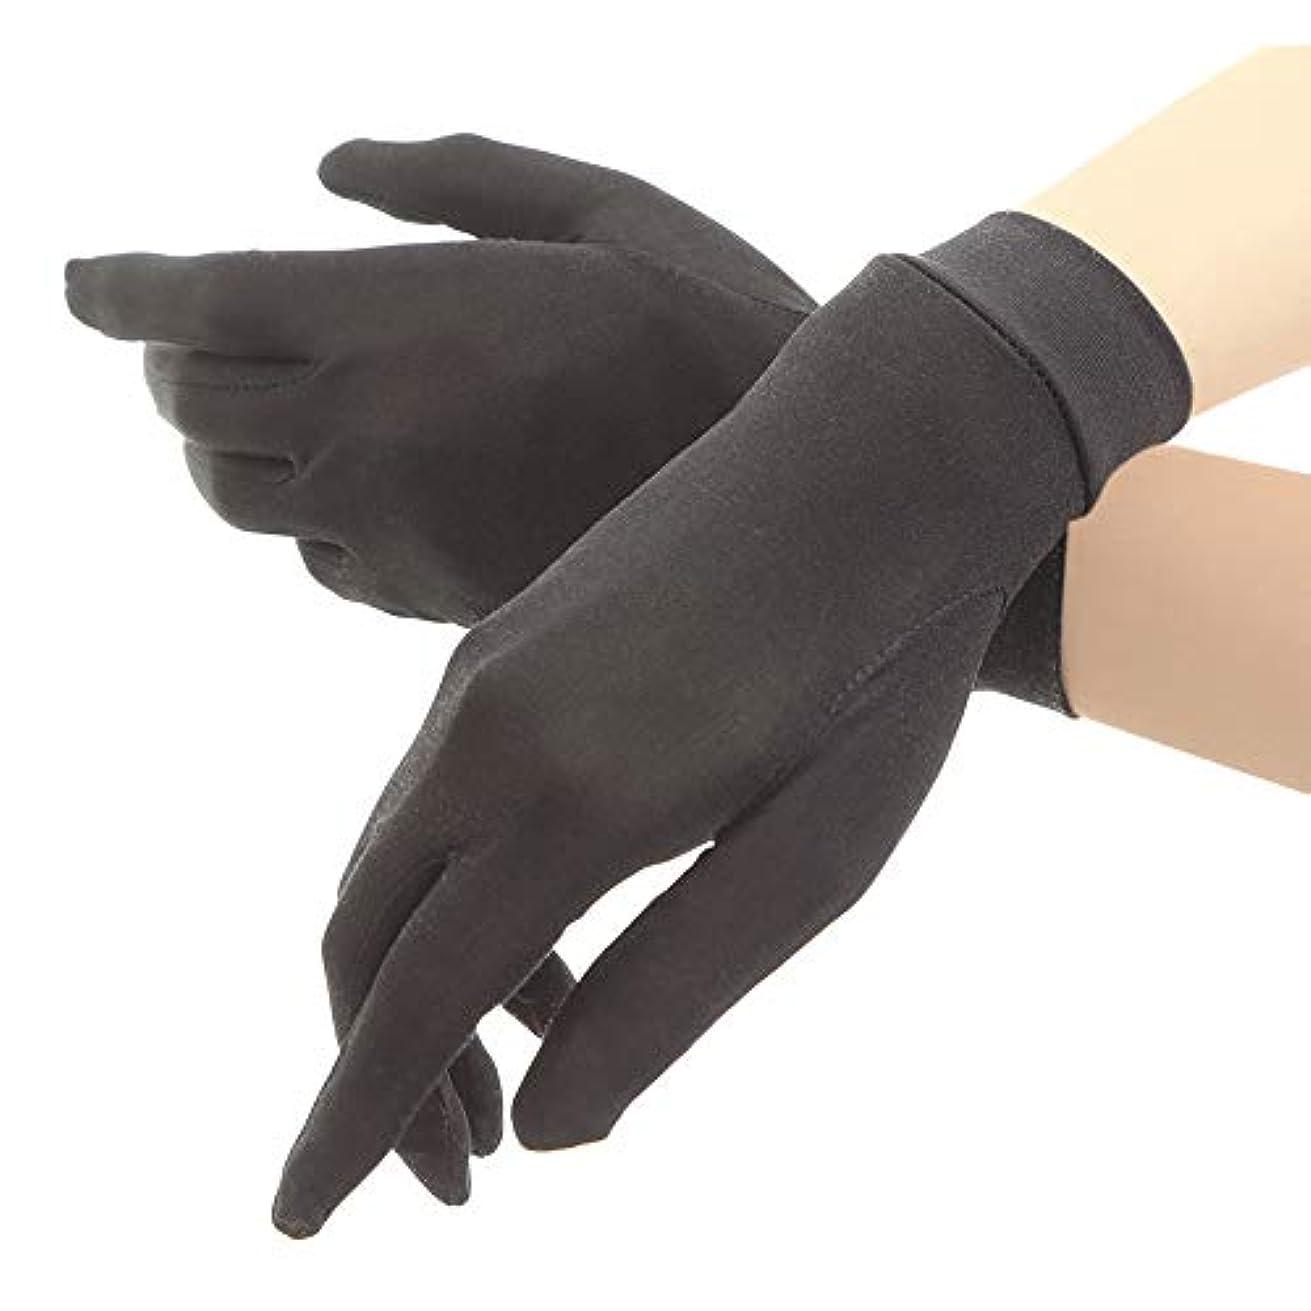 化粧出席する以上シルク手袋 レディース 手袋 シルク 絹 ハンド ケア 保湿 紫外線 肌荒れ 乾燥 サイズアップで手指にマッチ 【macch】